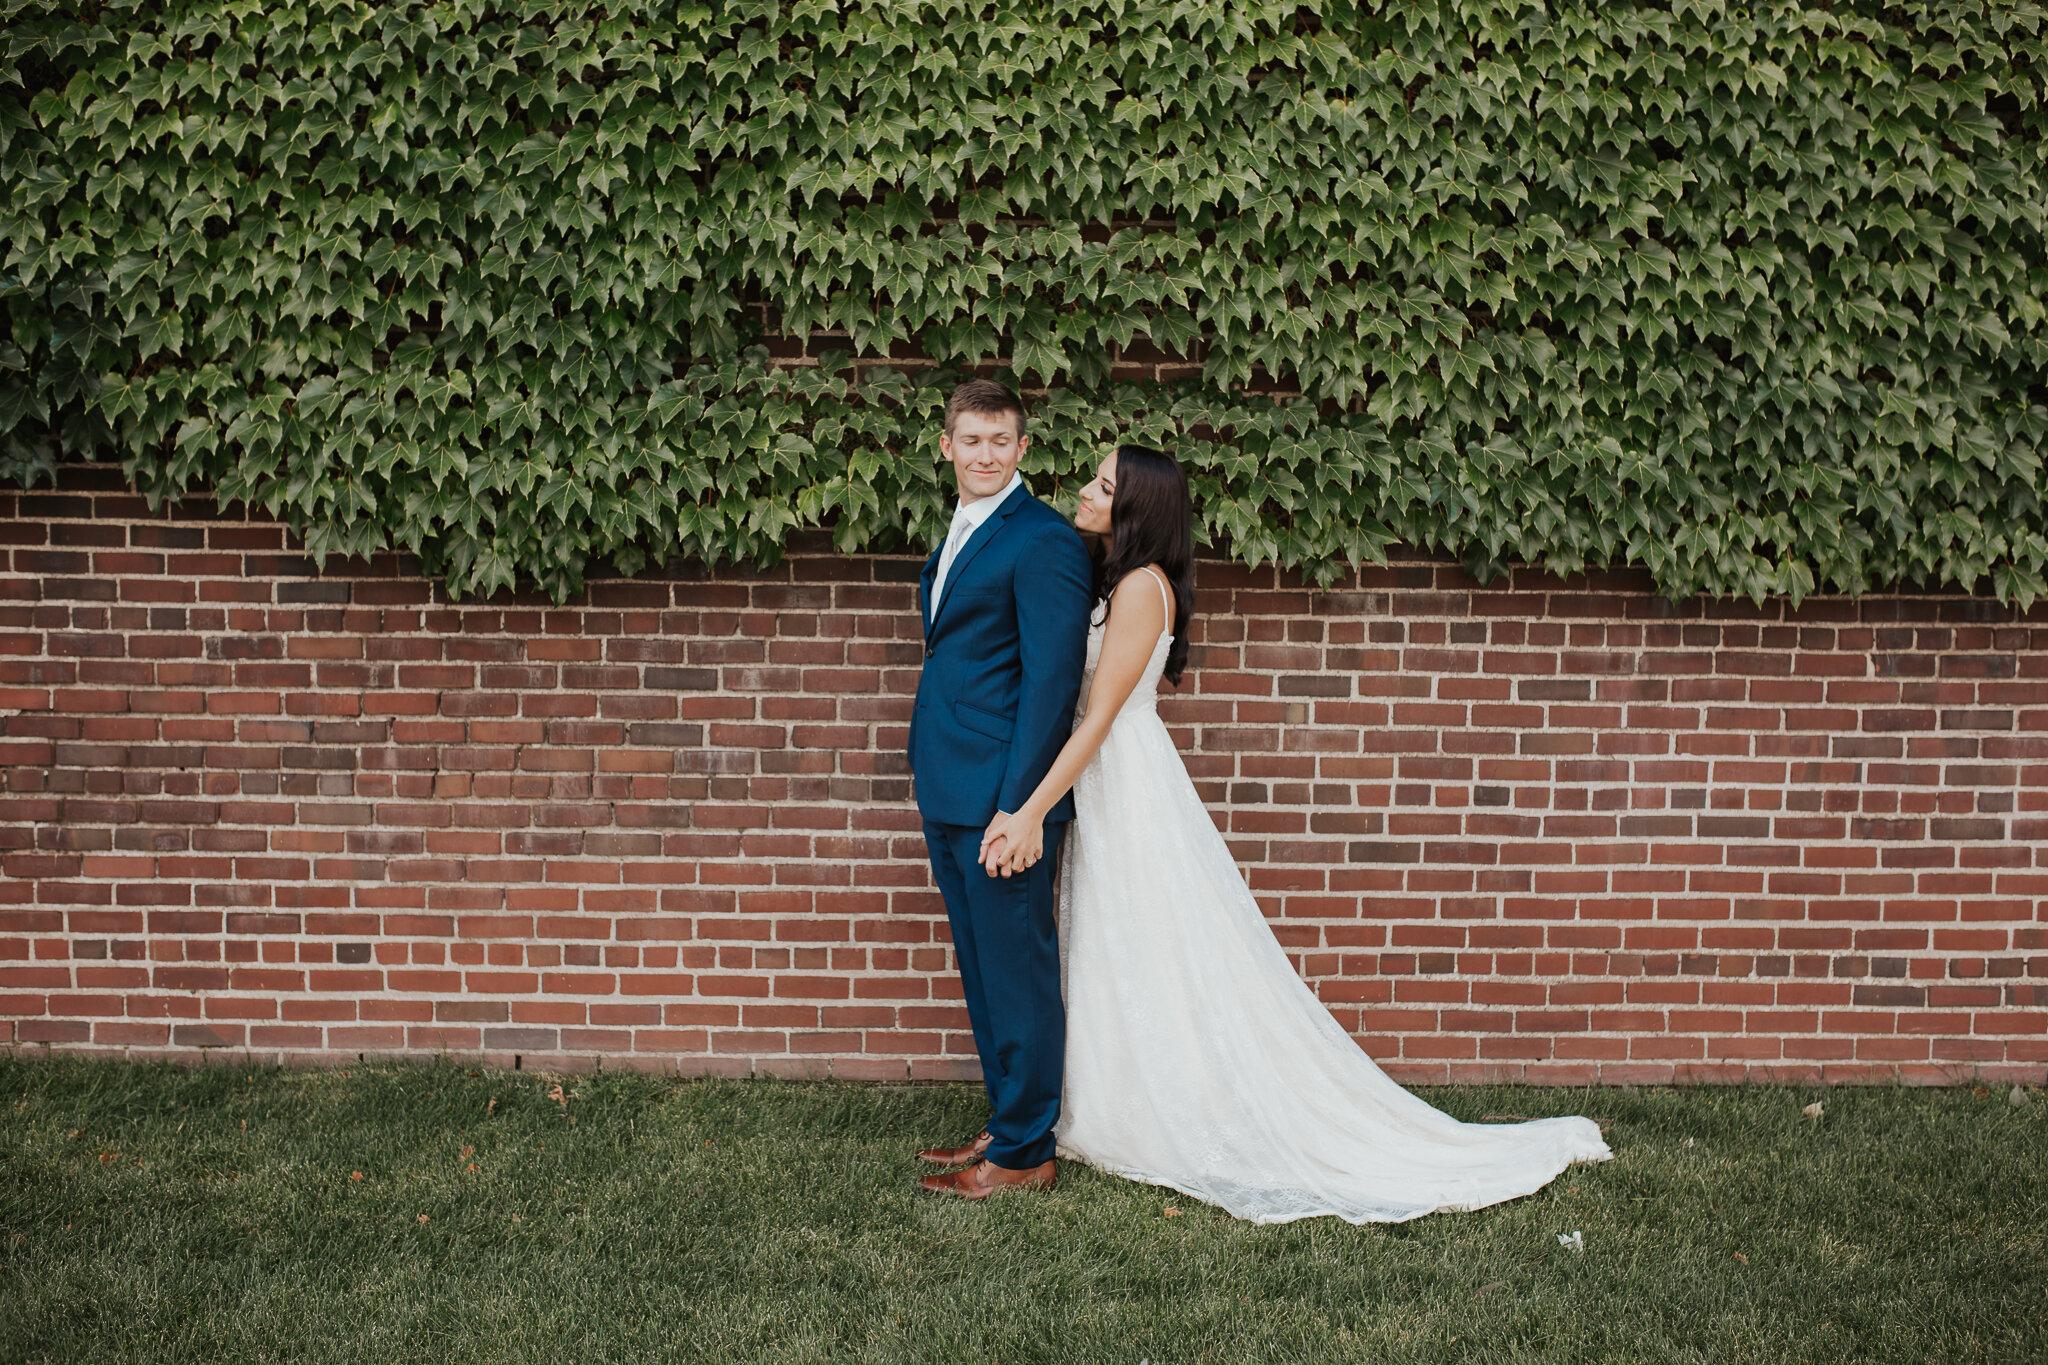 KirstenMatt-Wedding-16.jpg